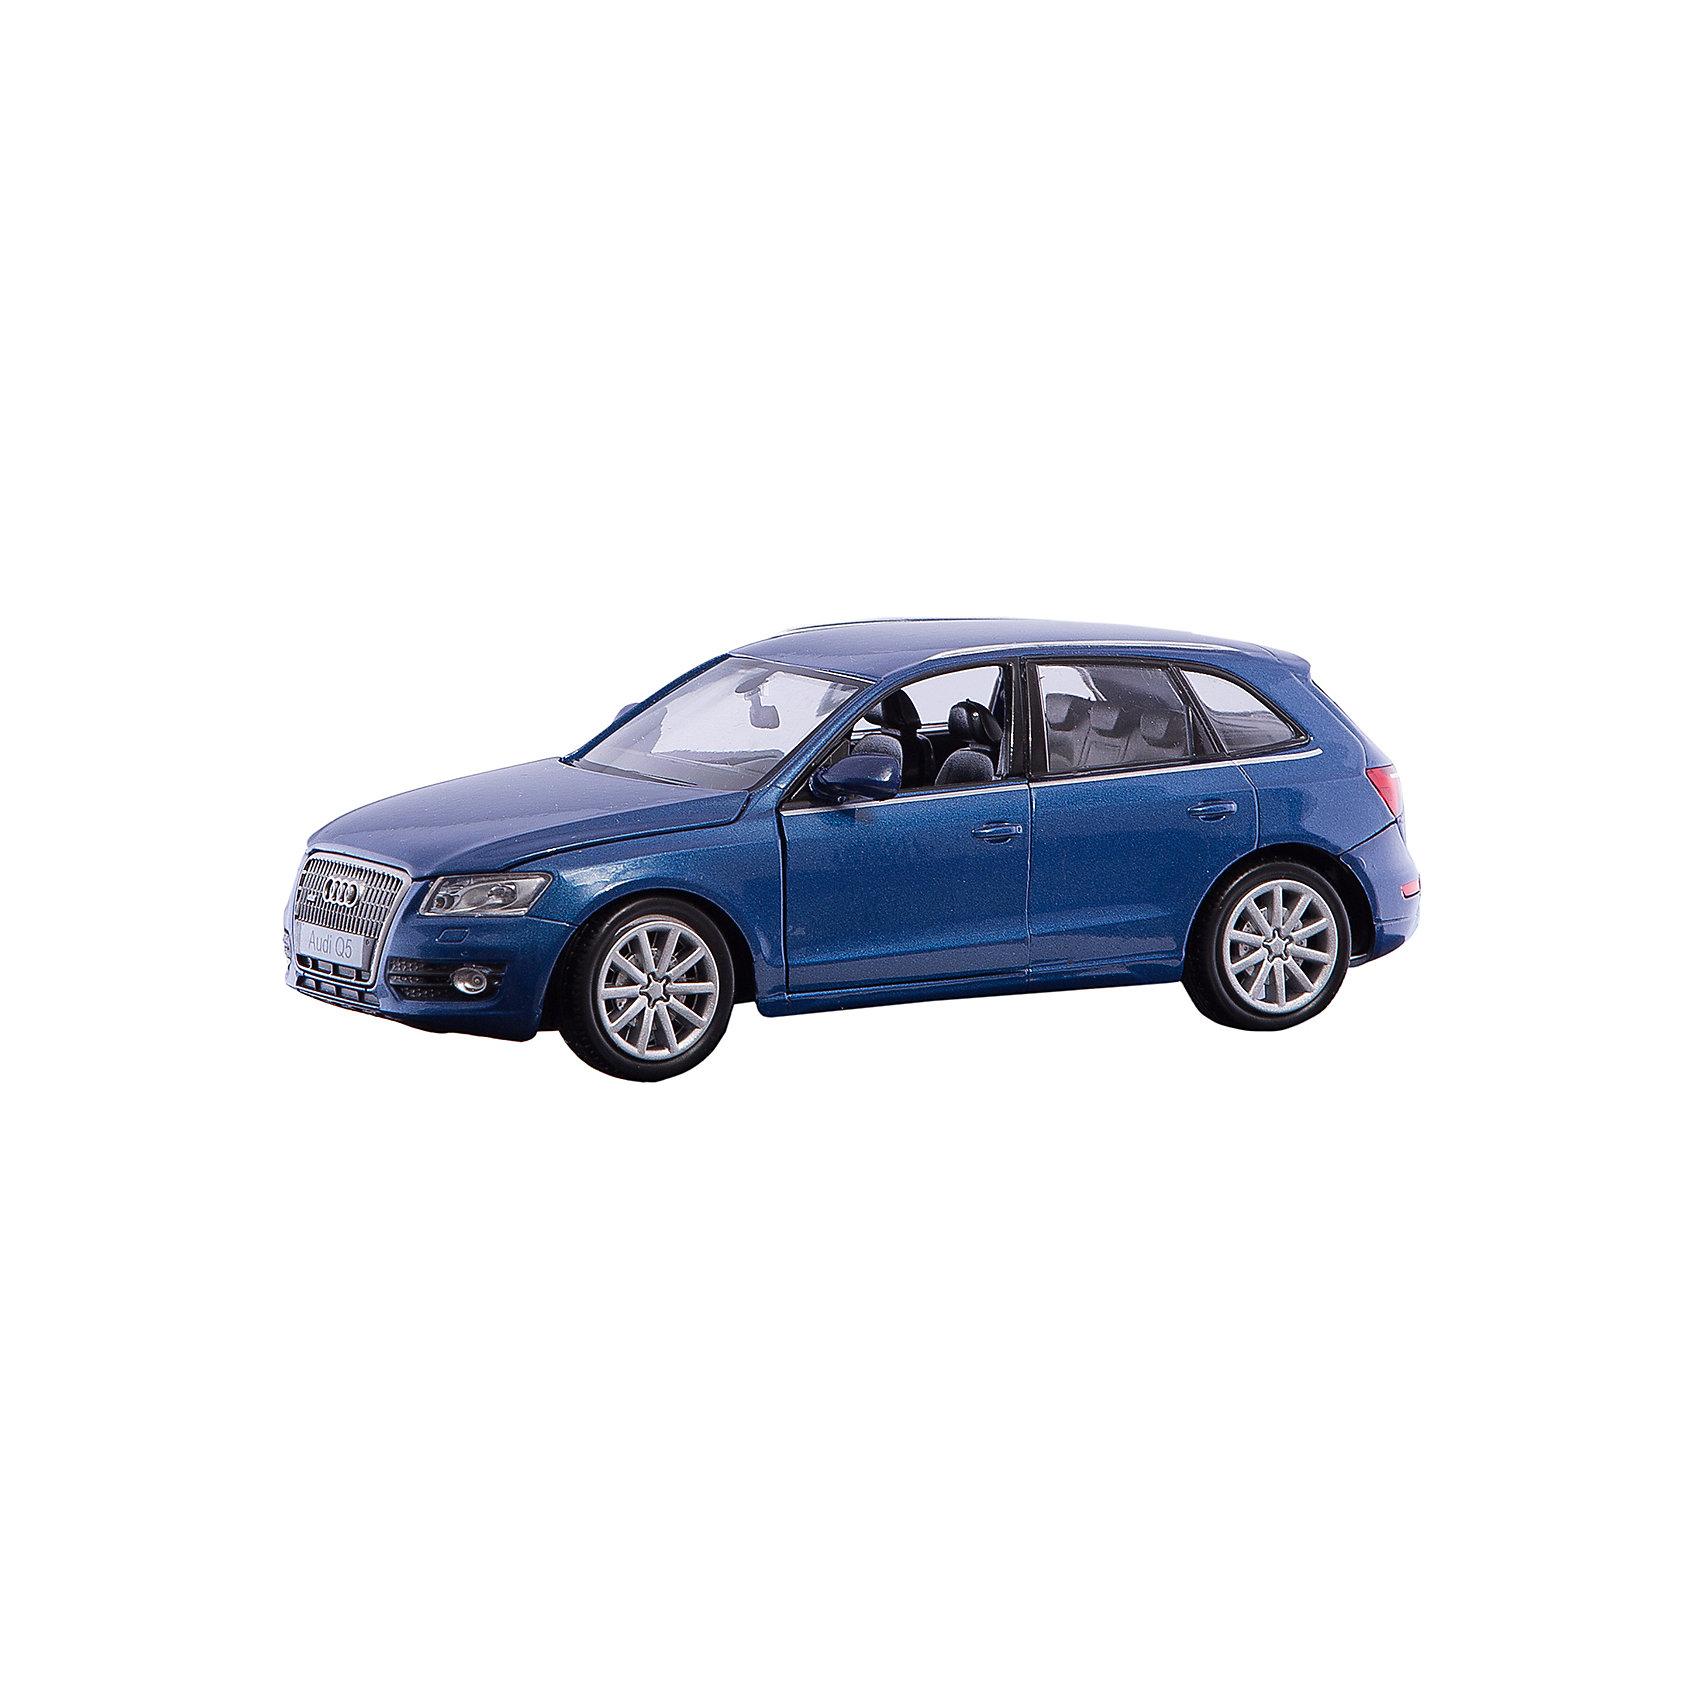 Машина AUDI Q5, 1:24, синяяМашинки<br>Характеристики:<br><br>• возраст: от 6 лет;<br>• материал: пластик, металл;<br>• в комплекте: машина, пульт;<br>• тип батареек: 5 батареек АА;<br>• наличие батареек: в комплект не входят;<br>• масштаб: 1:24;<br>• размер машины: 18,5х9,5х7 см;<br>• размер упаковки: 24,5х11,5х10,2 см;<br>• вес упаковки: 542 гр.;<br>• страна производитель: Китай.<br><br>Машина «AUDI Q5» синяя представляет собой уменьшенную копию настоящего автомобиля Audi. Машинка управляется при помощи пульта управления и может ездить вперед, назад, влево и вправо. Она может развивать скорость до 7 км/час. Дальность действия пульта управления до 45 метров.<br><br>Машинка выполнена из качественных прочных материалов. С ней мальчишки смогут устроить захватывающие заезды и гонки.<br><br>Машину «AUDI Q5» синюю можно приобрести в нашем интернет-магазине.<br><br>Ширина мм: 245<br>Глубина мм: 112<br>Высота мм: 102<br>Вес г: 542<br>Возраст от месяцев: 72<br>Возраст до месяцев: 2147483647<br>Пол: Мужской<br>Возраст: Детский<br>SKU: 6722021